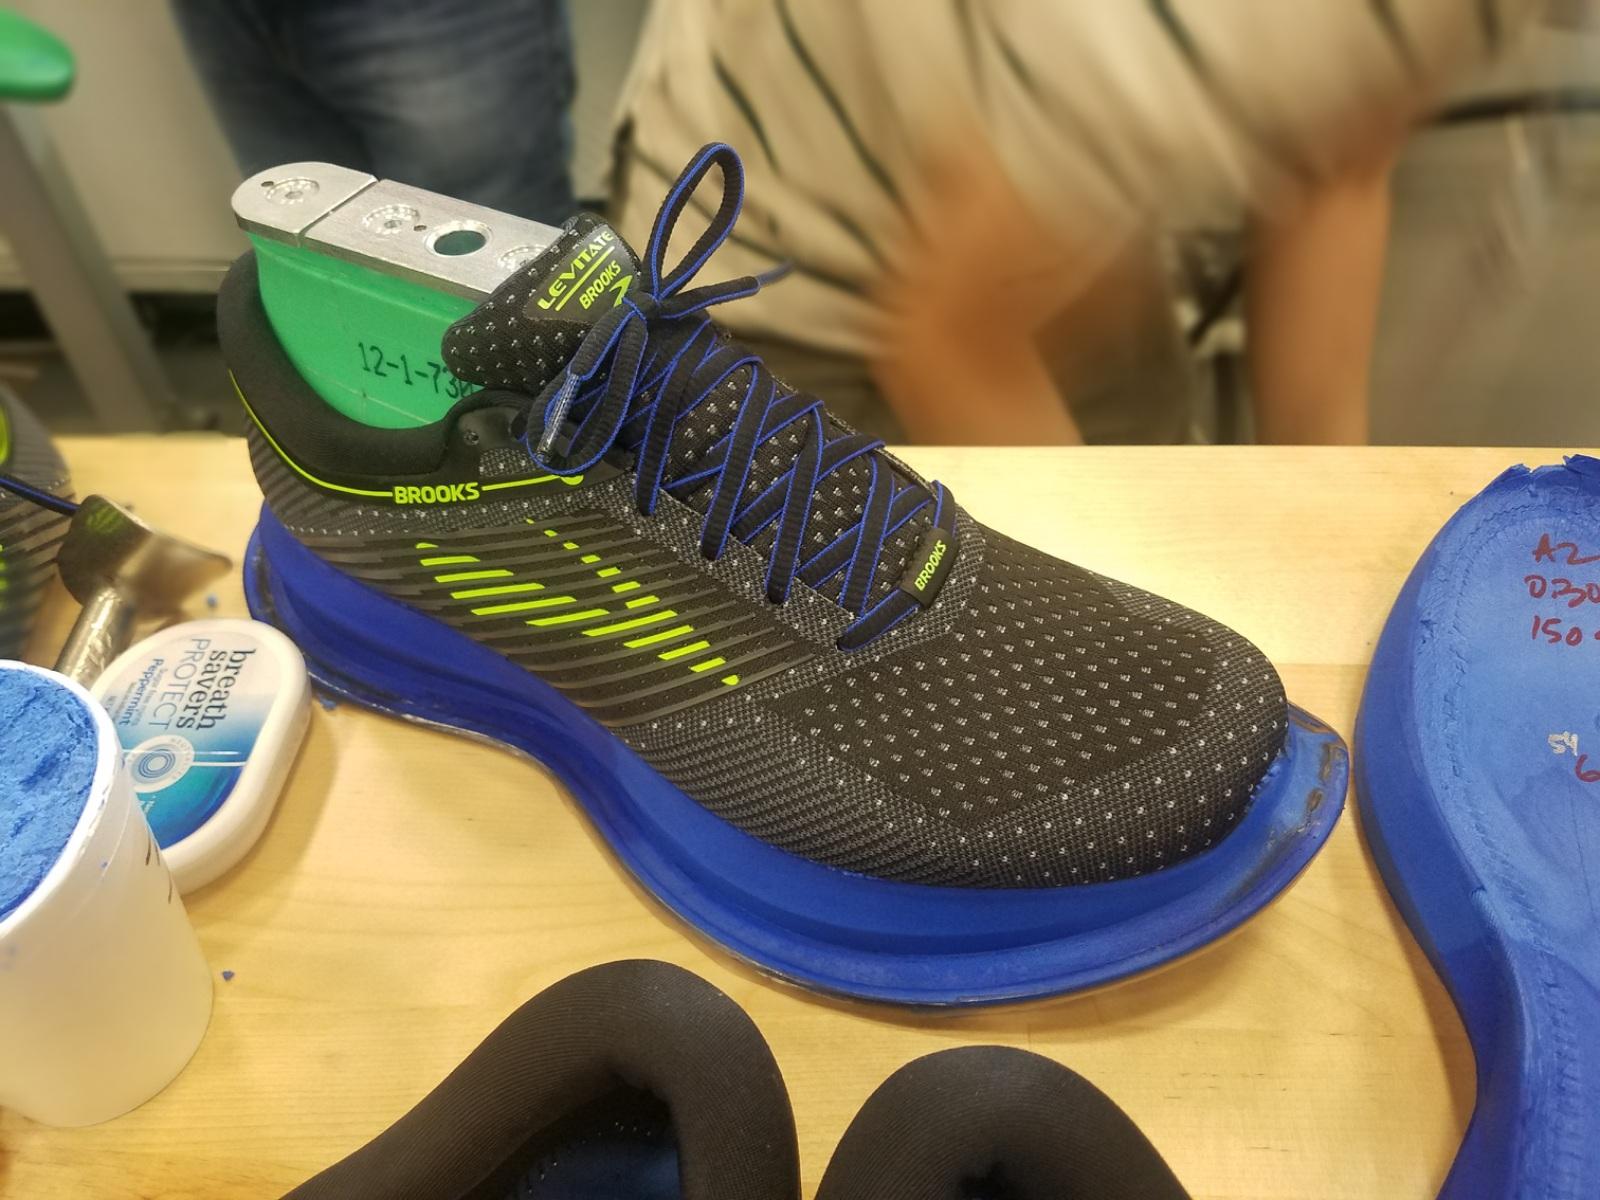 Brooks levitate custom running footwear 3